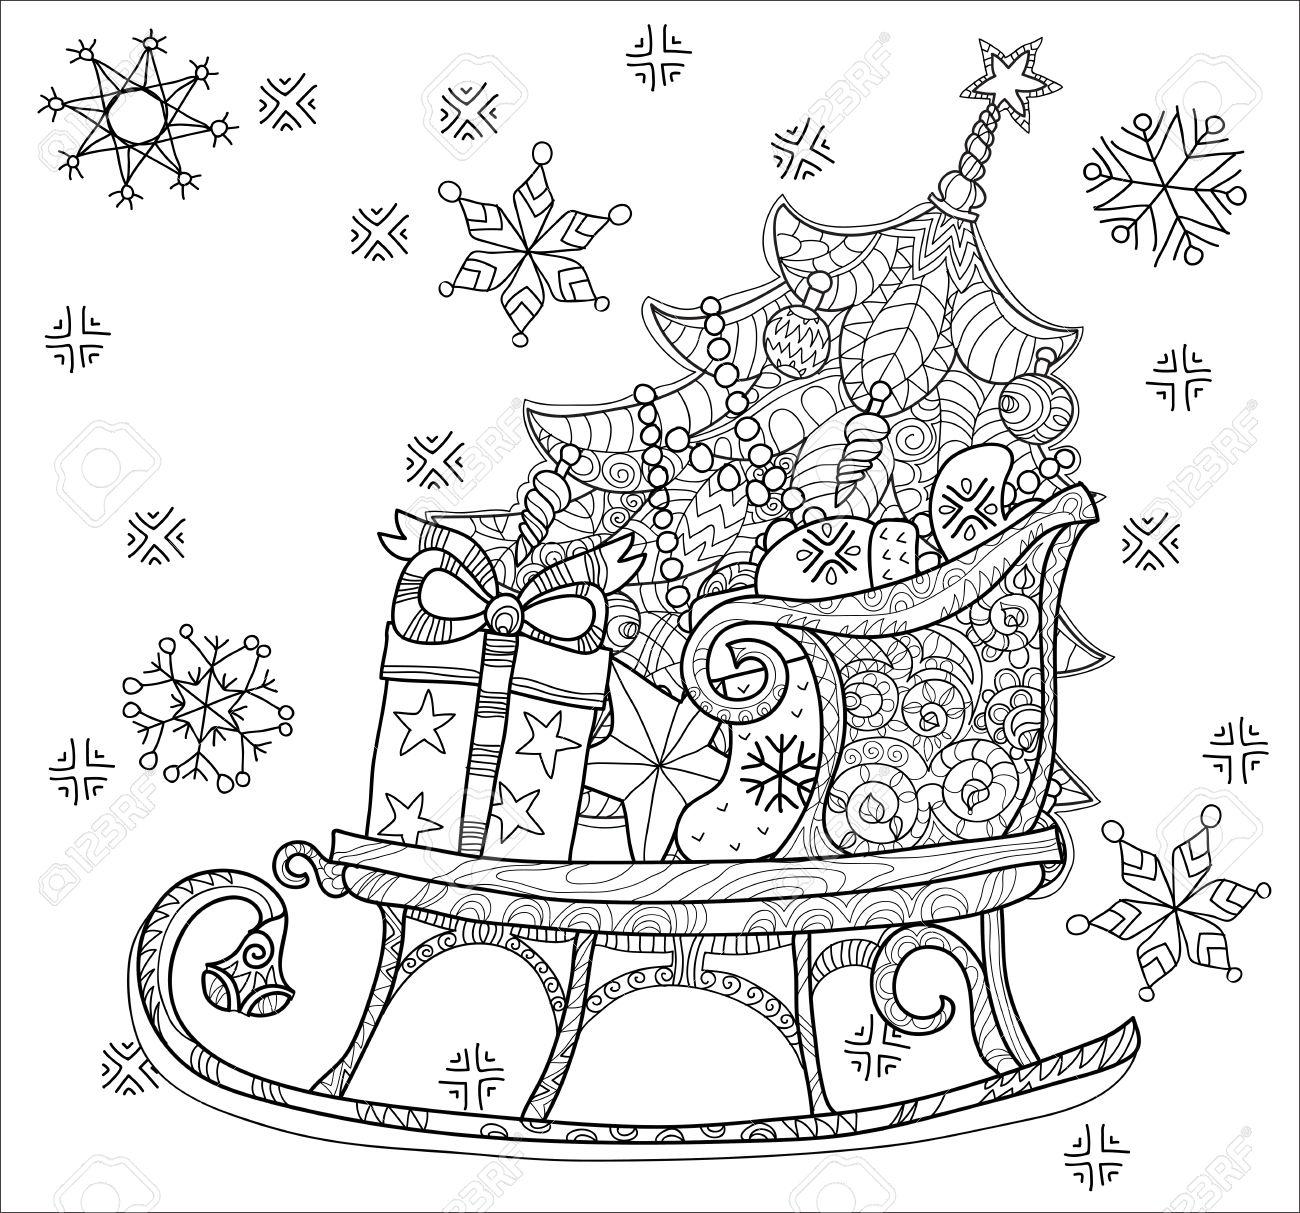 Fotos sobre dibujos de navidad